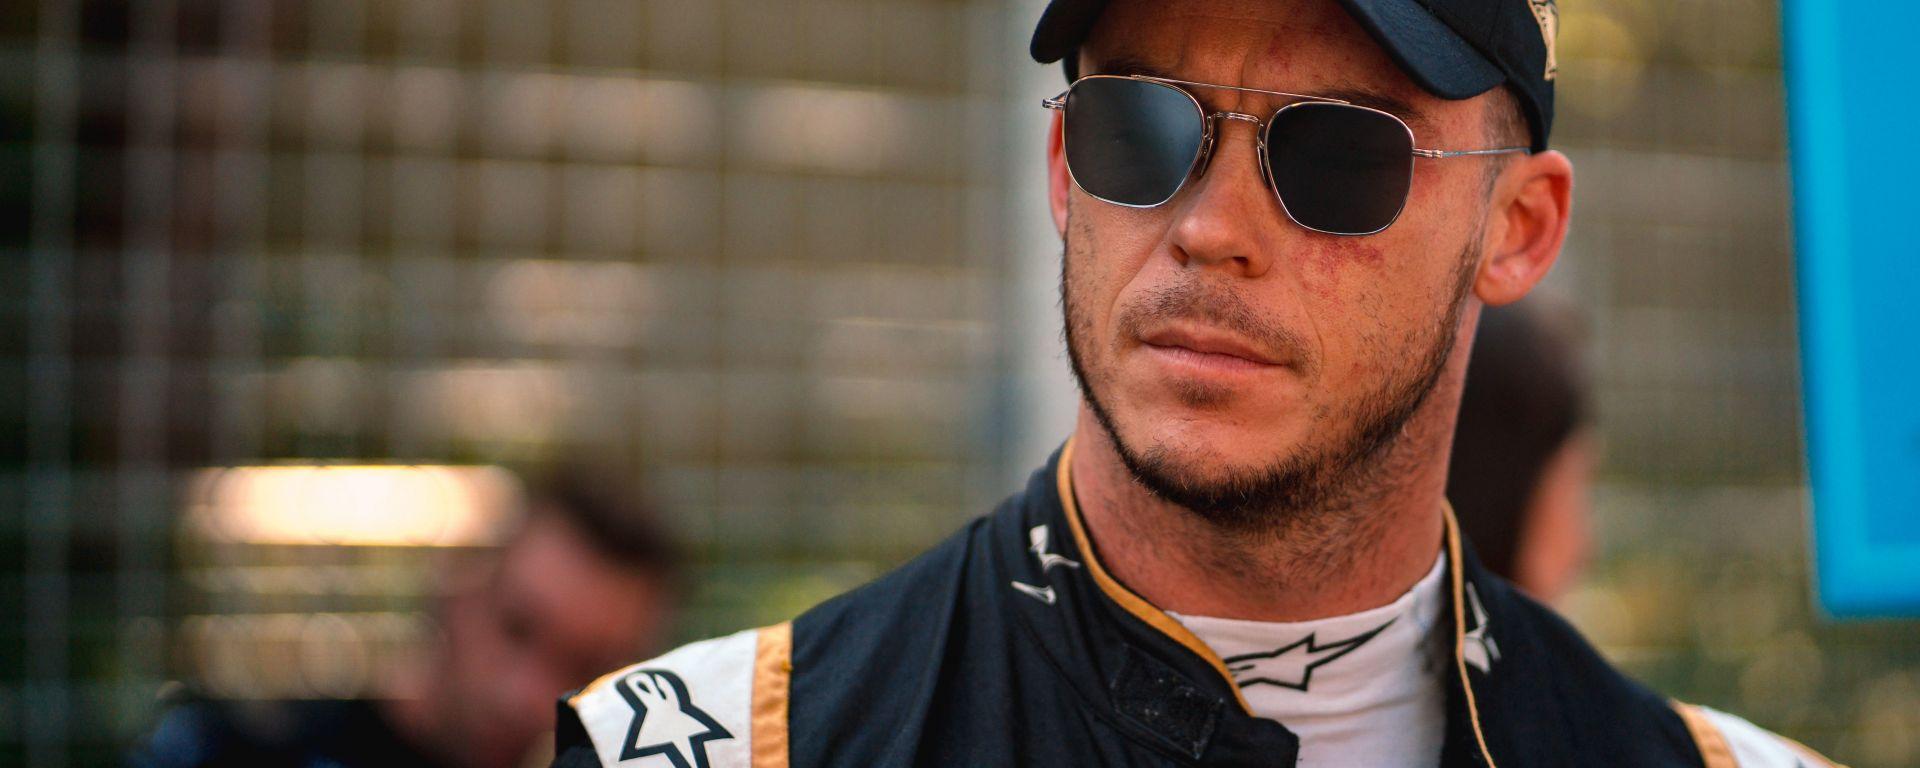 ePrix Svizzera 2019, la delusione di André Lotterer